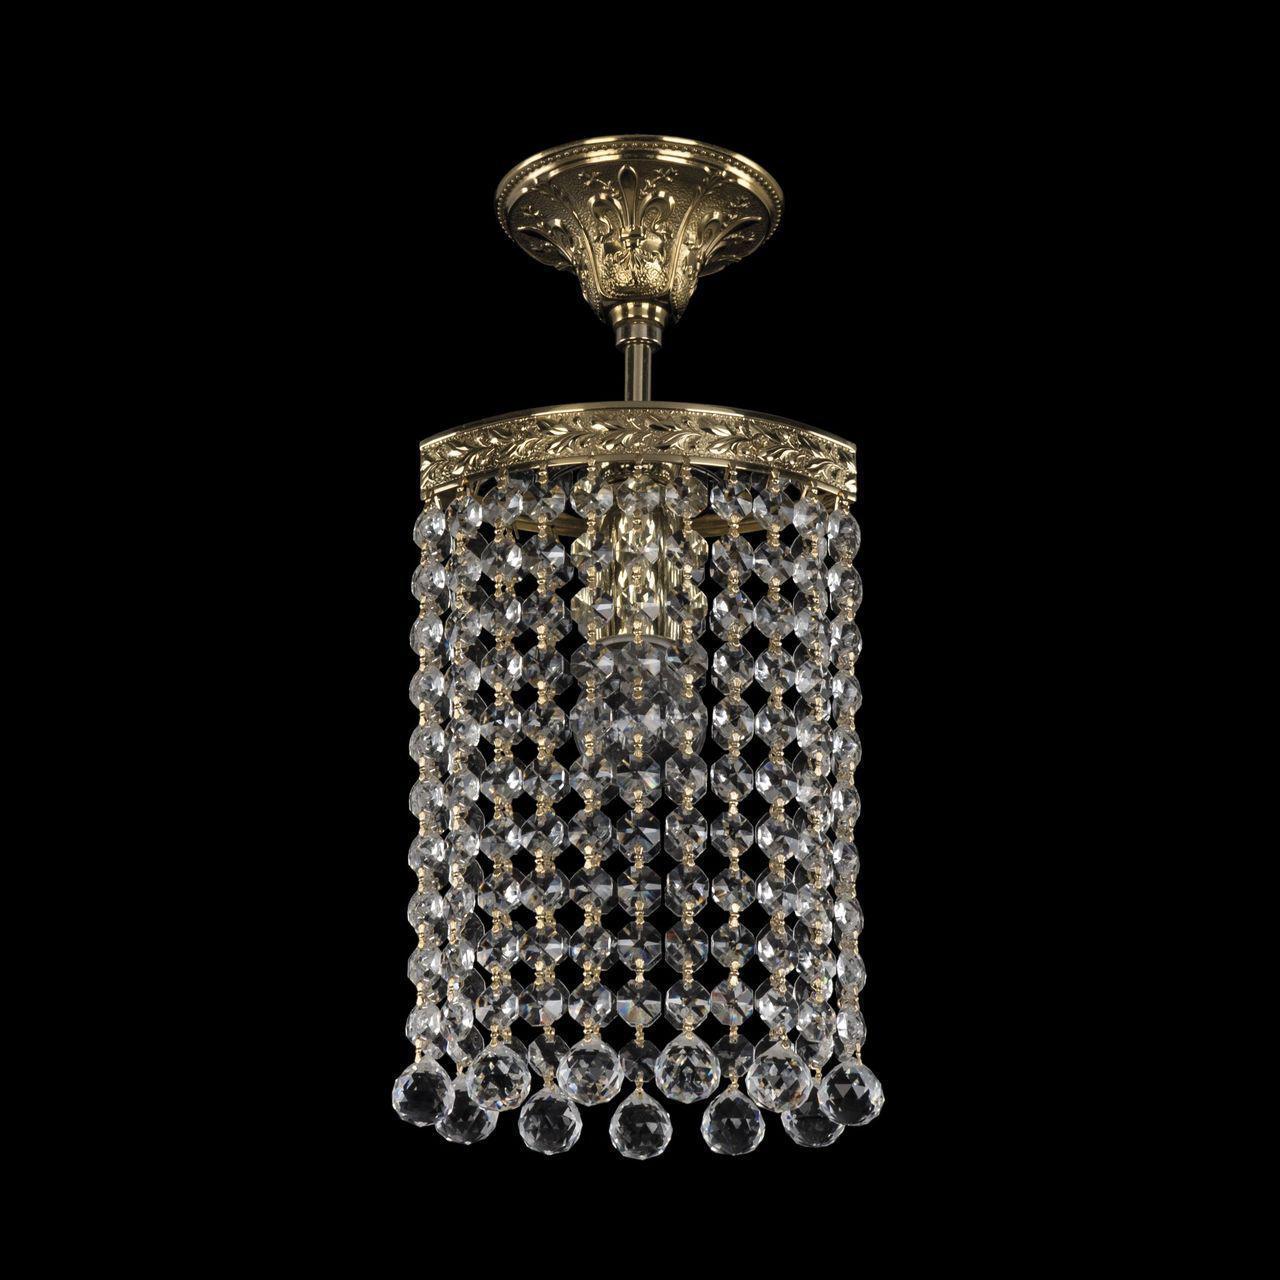 Подвесной светильник Bohemia Ivele 19203/15IV G Balls